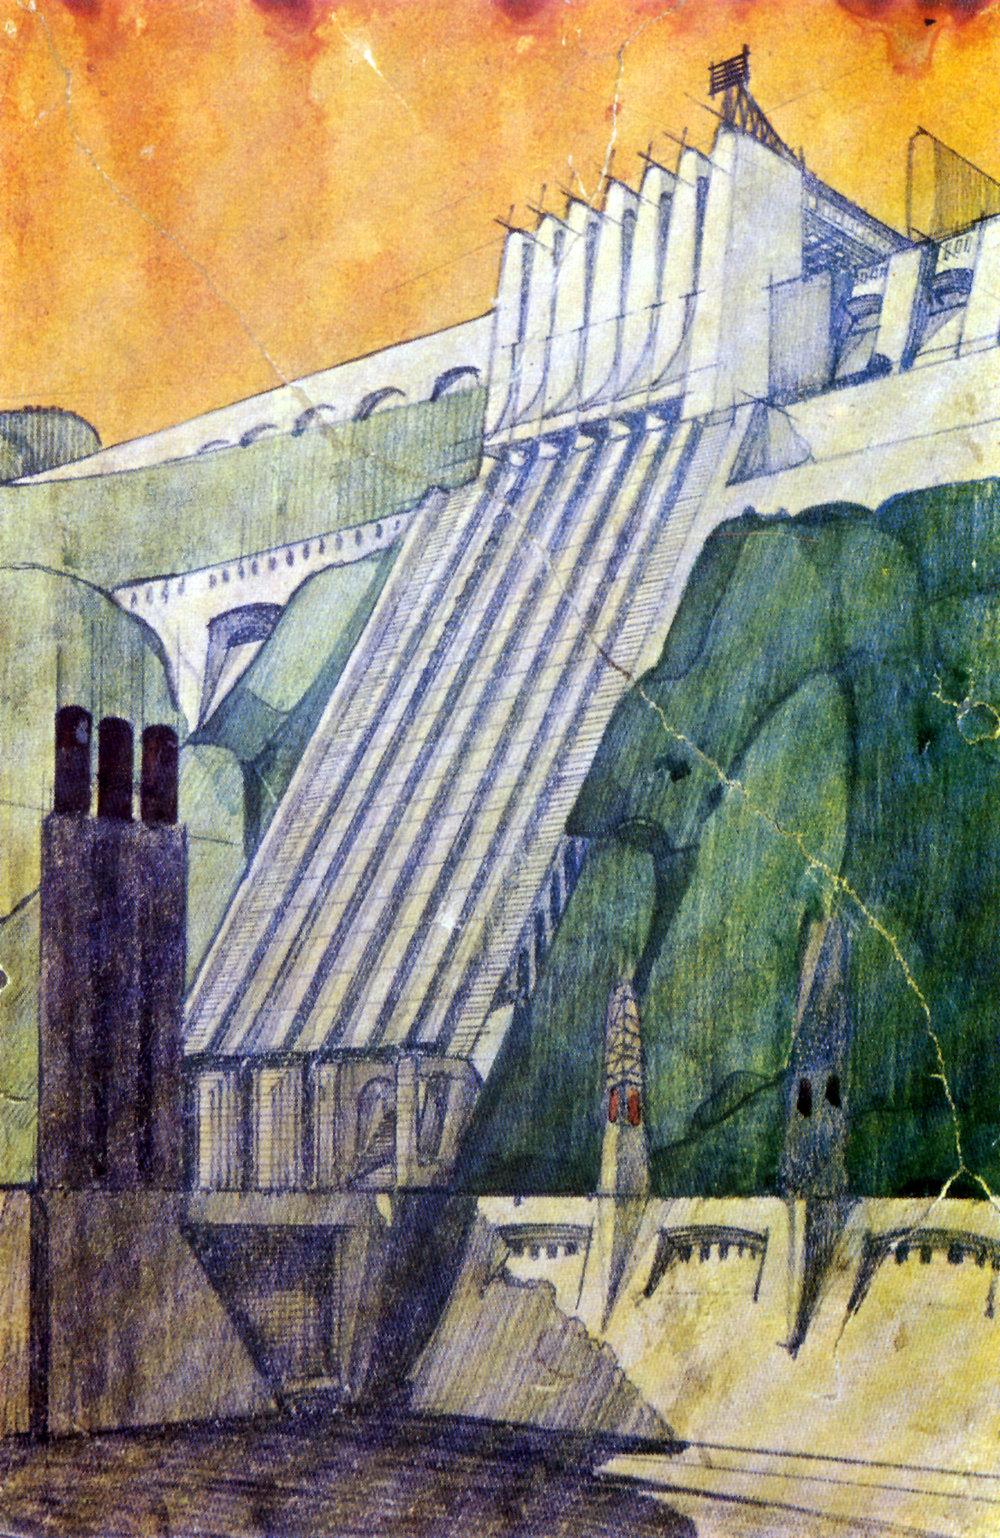 (1) Antonio Sant'Elia, Central eléctrica (1914) © Colección Paride Accetti, Milán